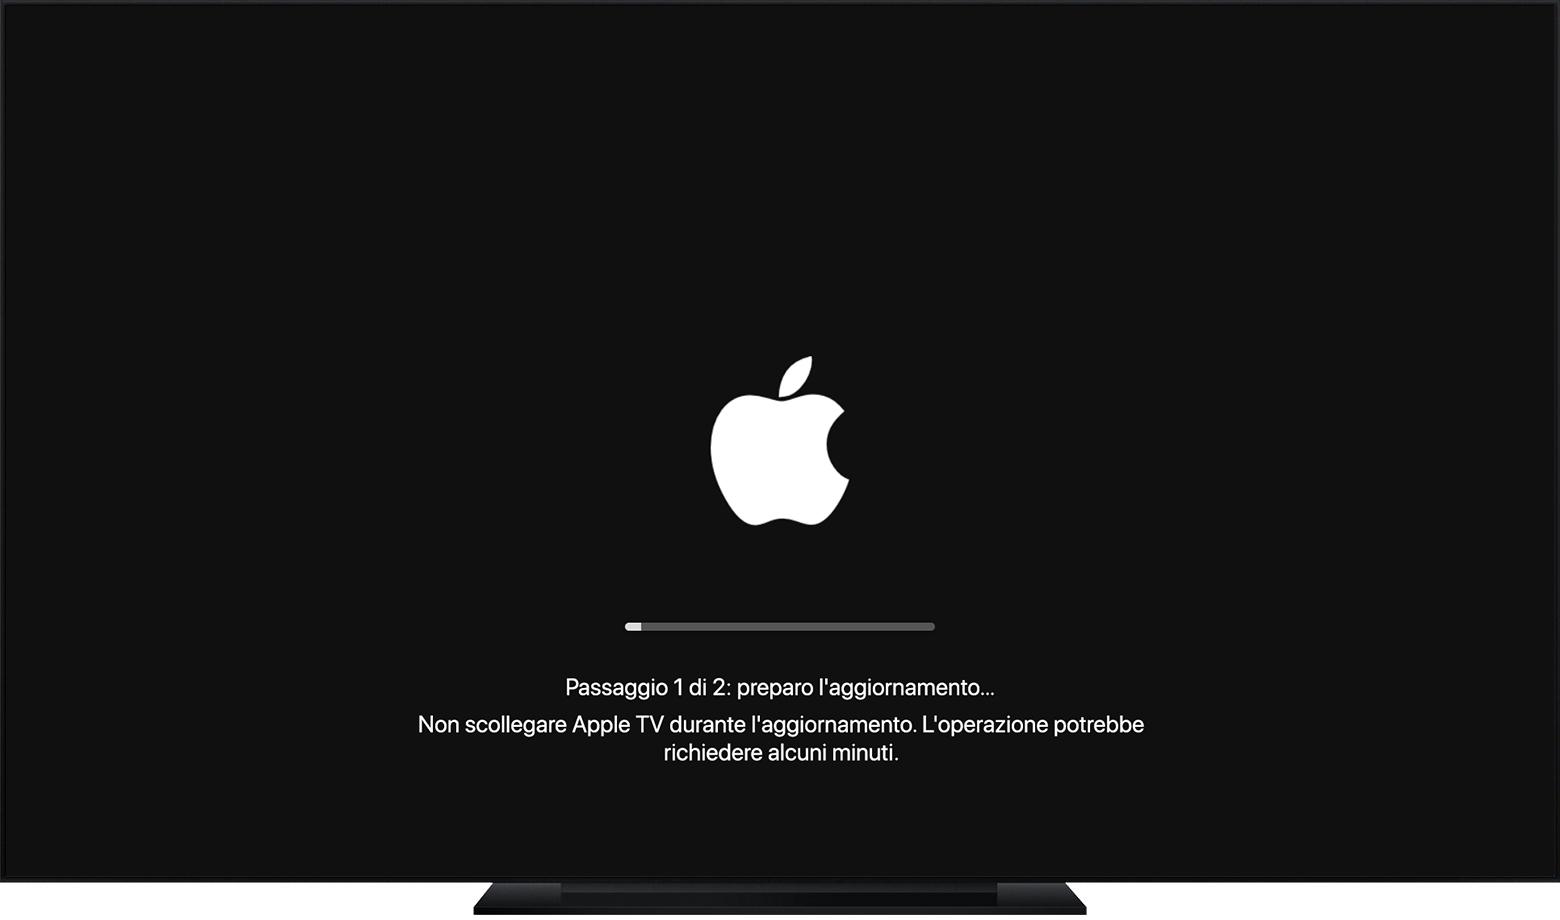 Apple TV, disponibile tvOS 14.0.2